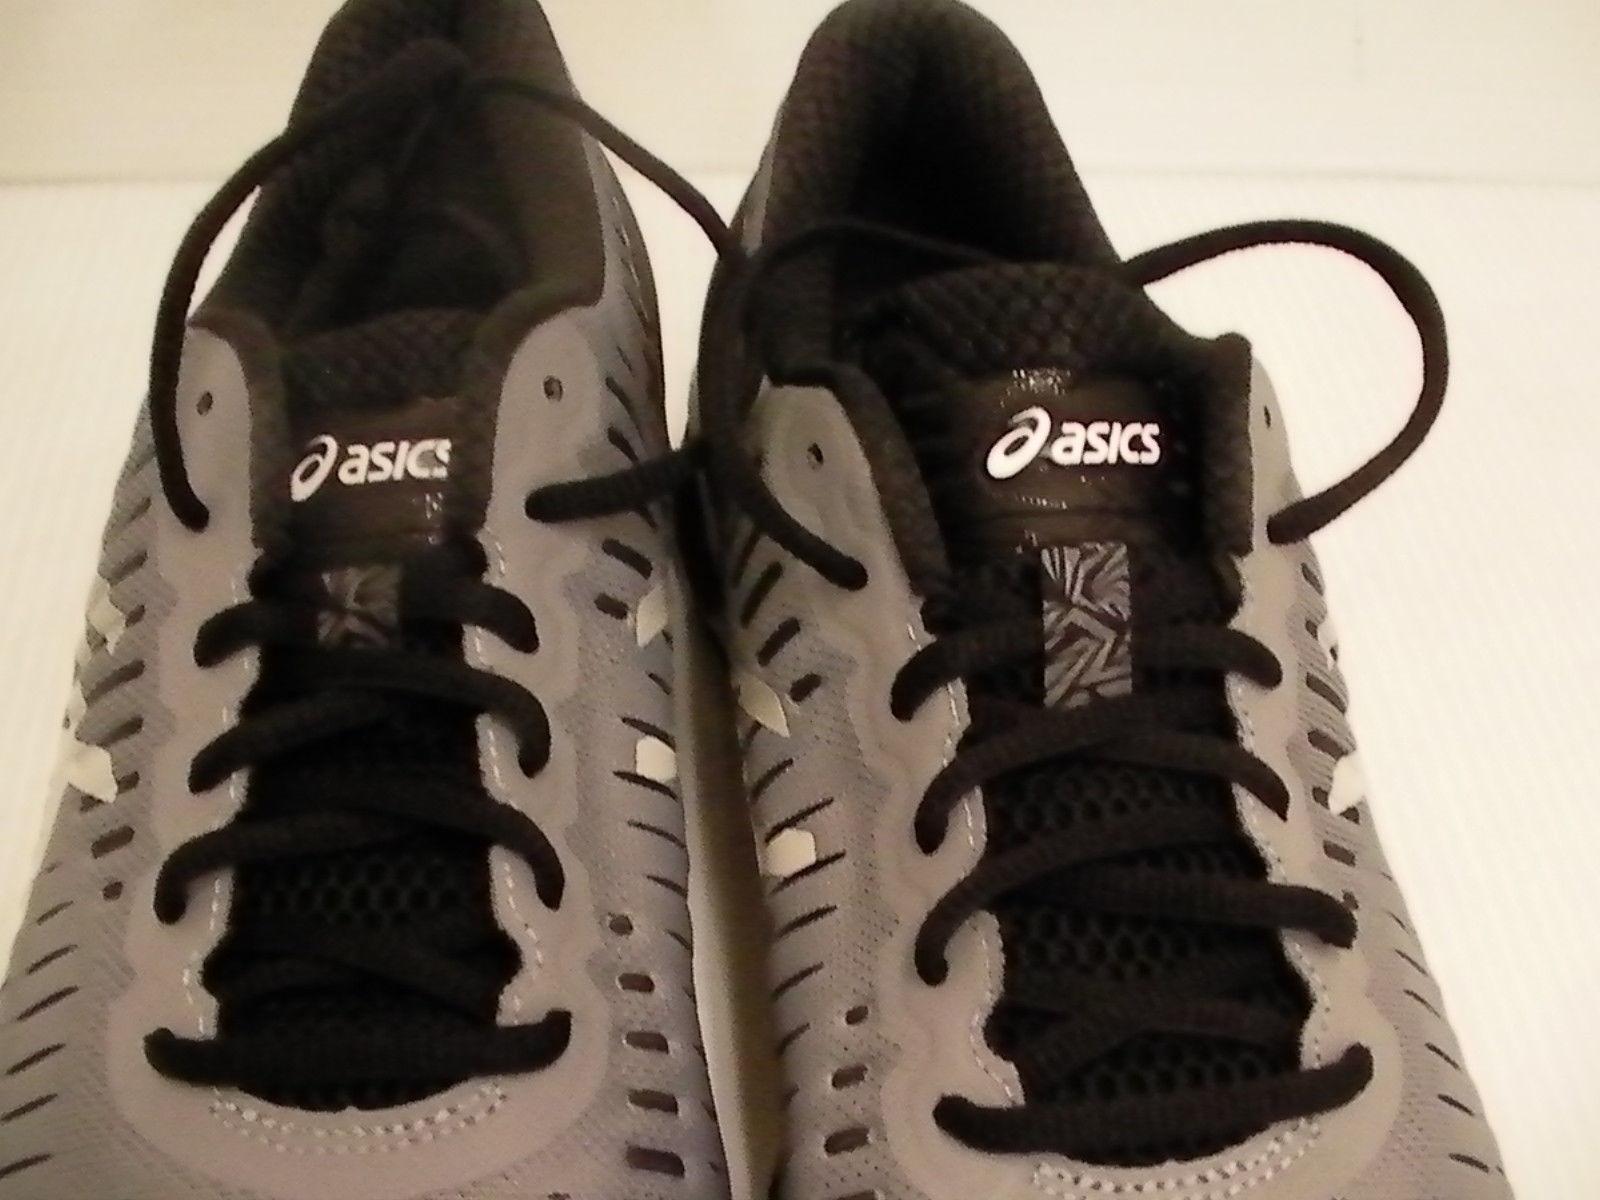 Chaussures de Chaussures course quantiques 360 cm Asics pour hommes hommes 360 et 50 articles similaires 1a887a8 - caillouoyunlari.info